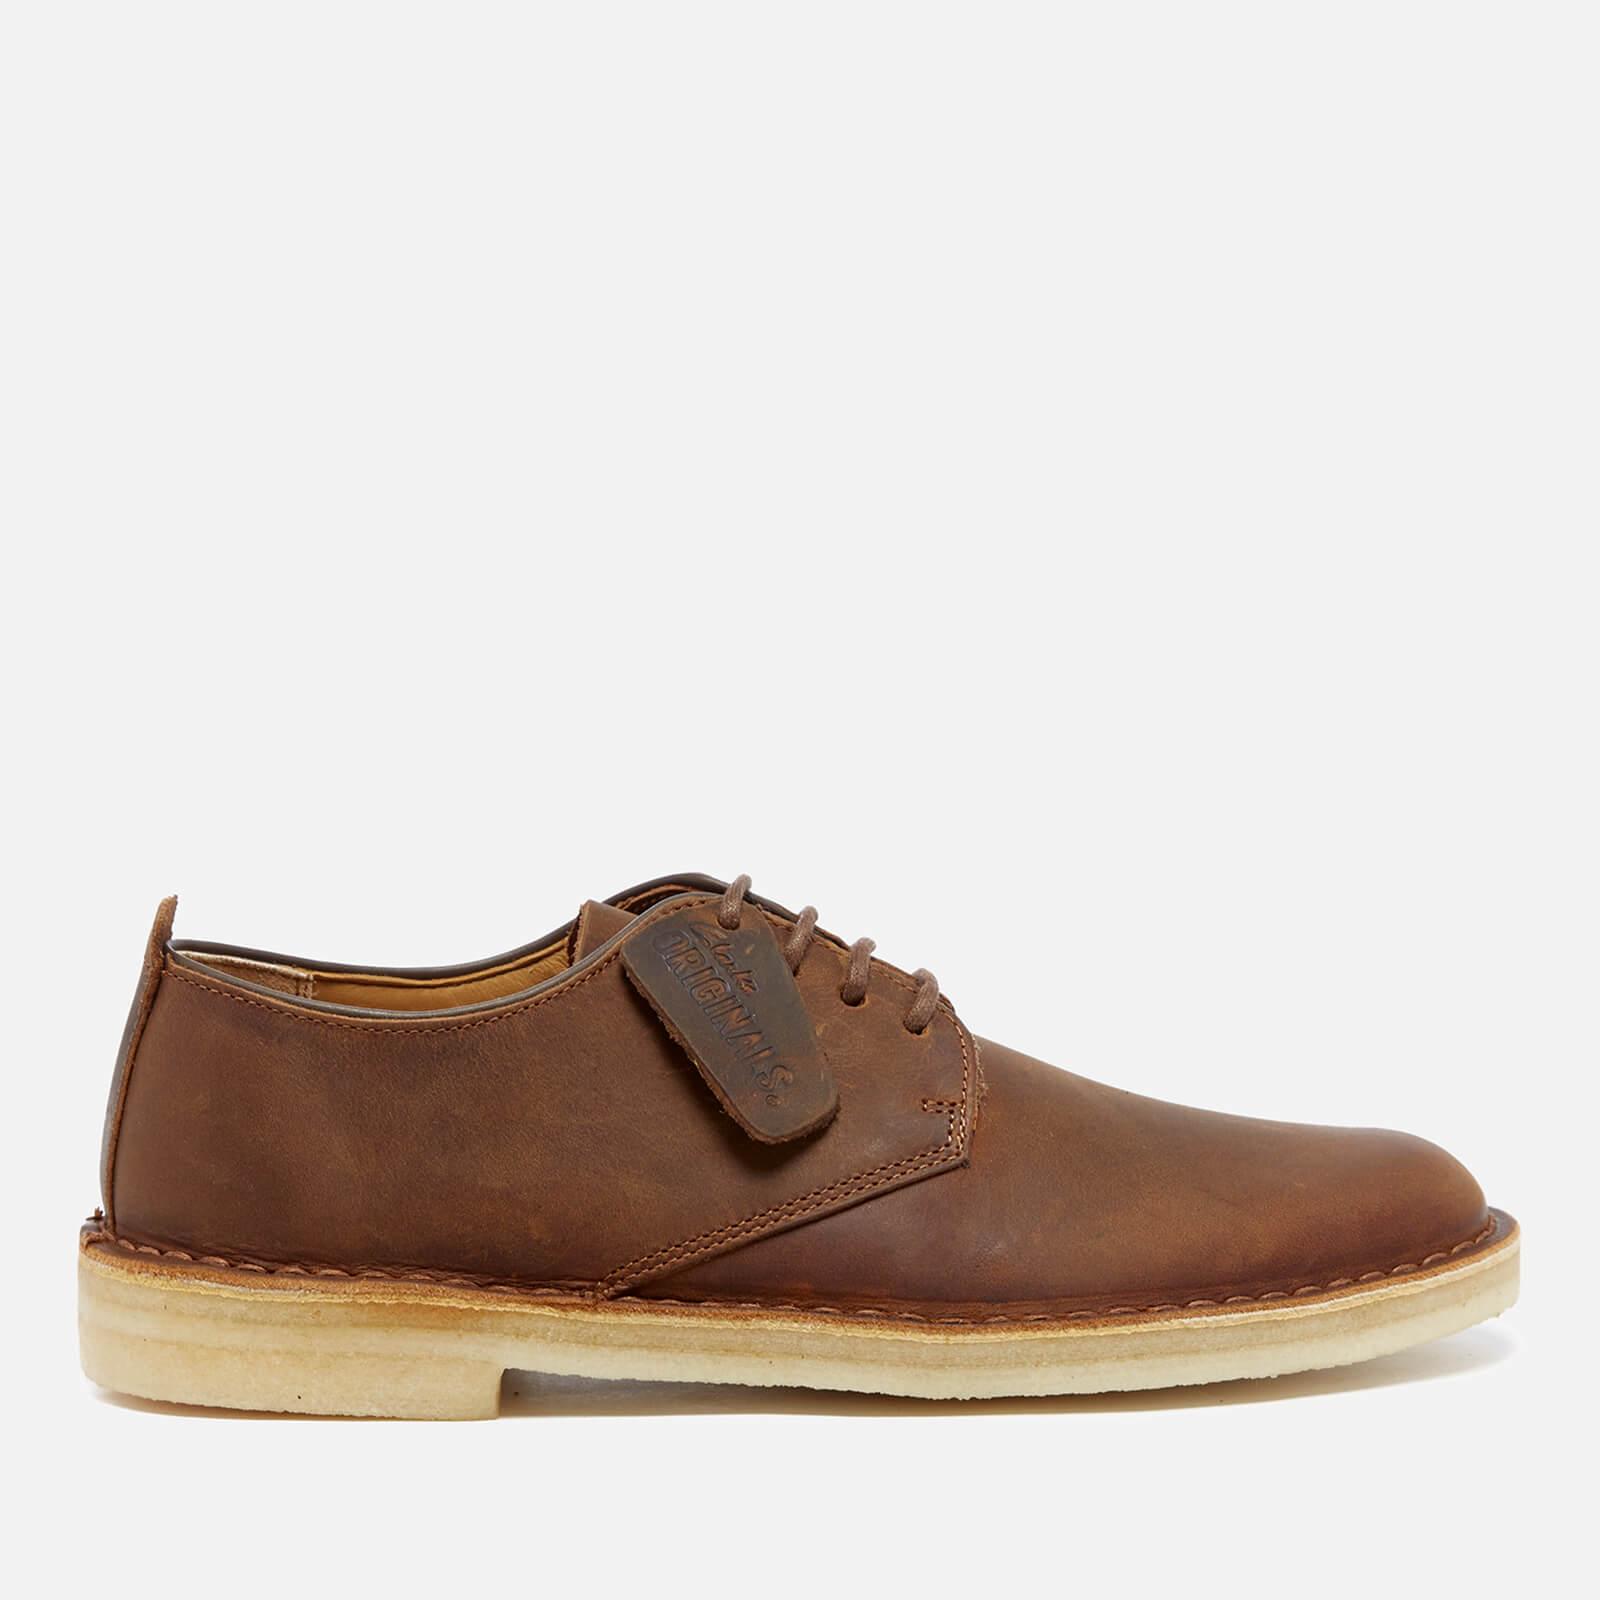 d453c11e Clarks Originals Men's Desert London Derby Shoes - Beeswax Leather